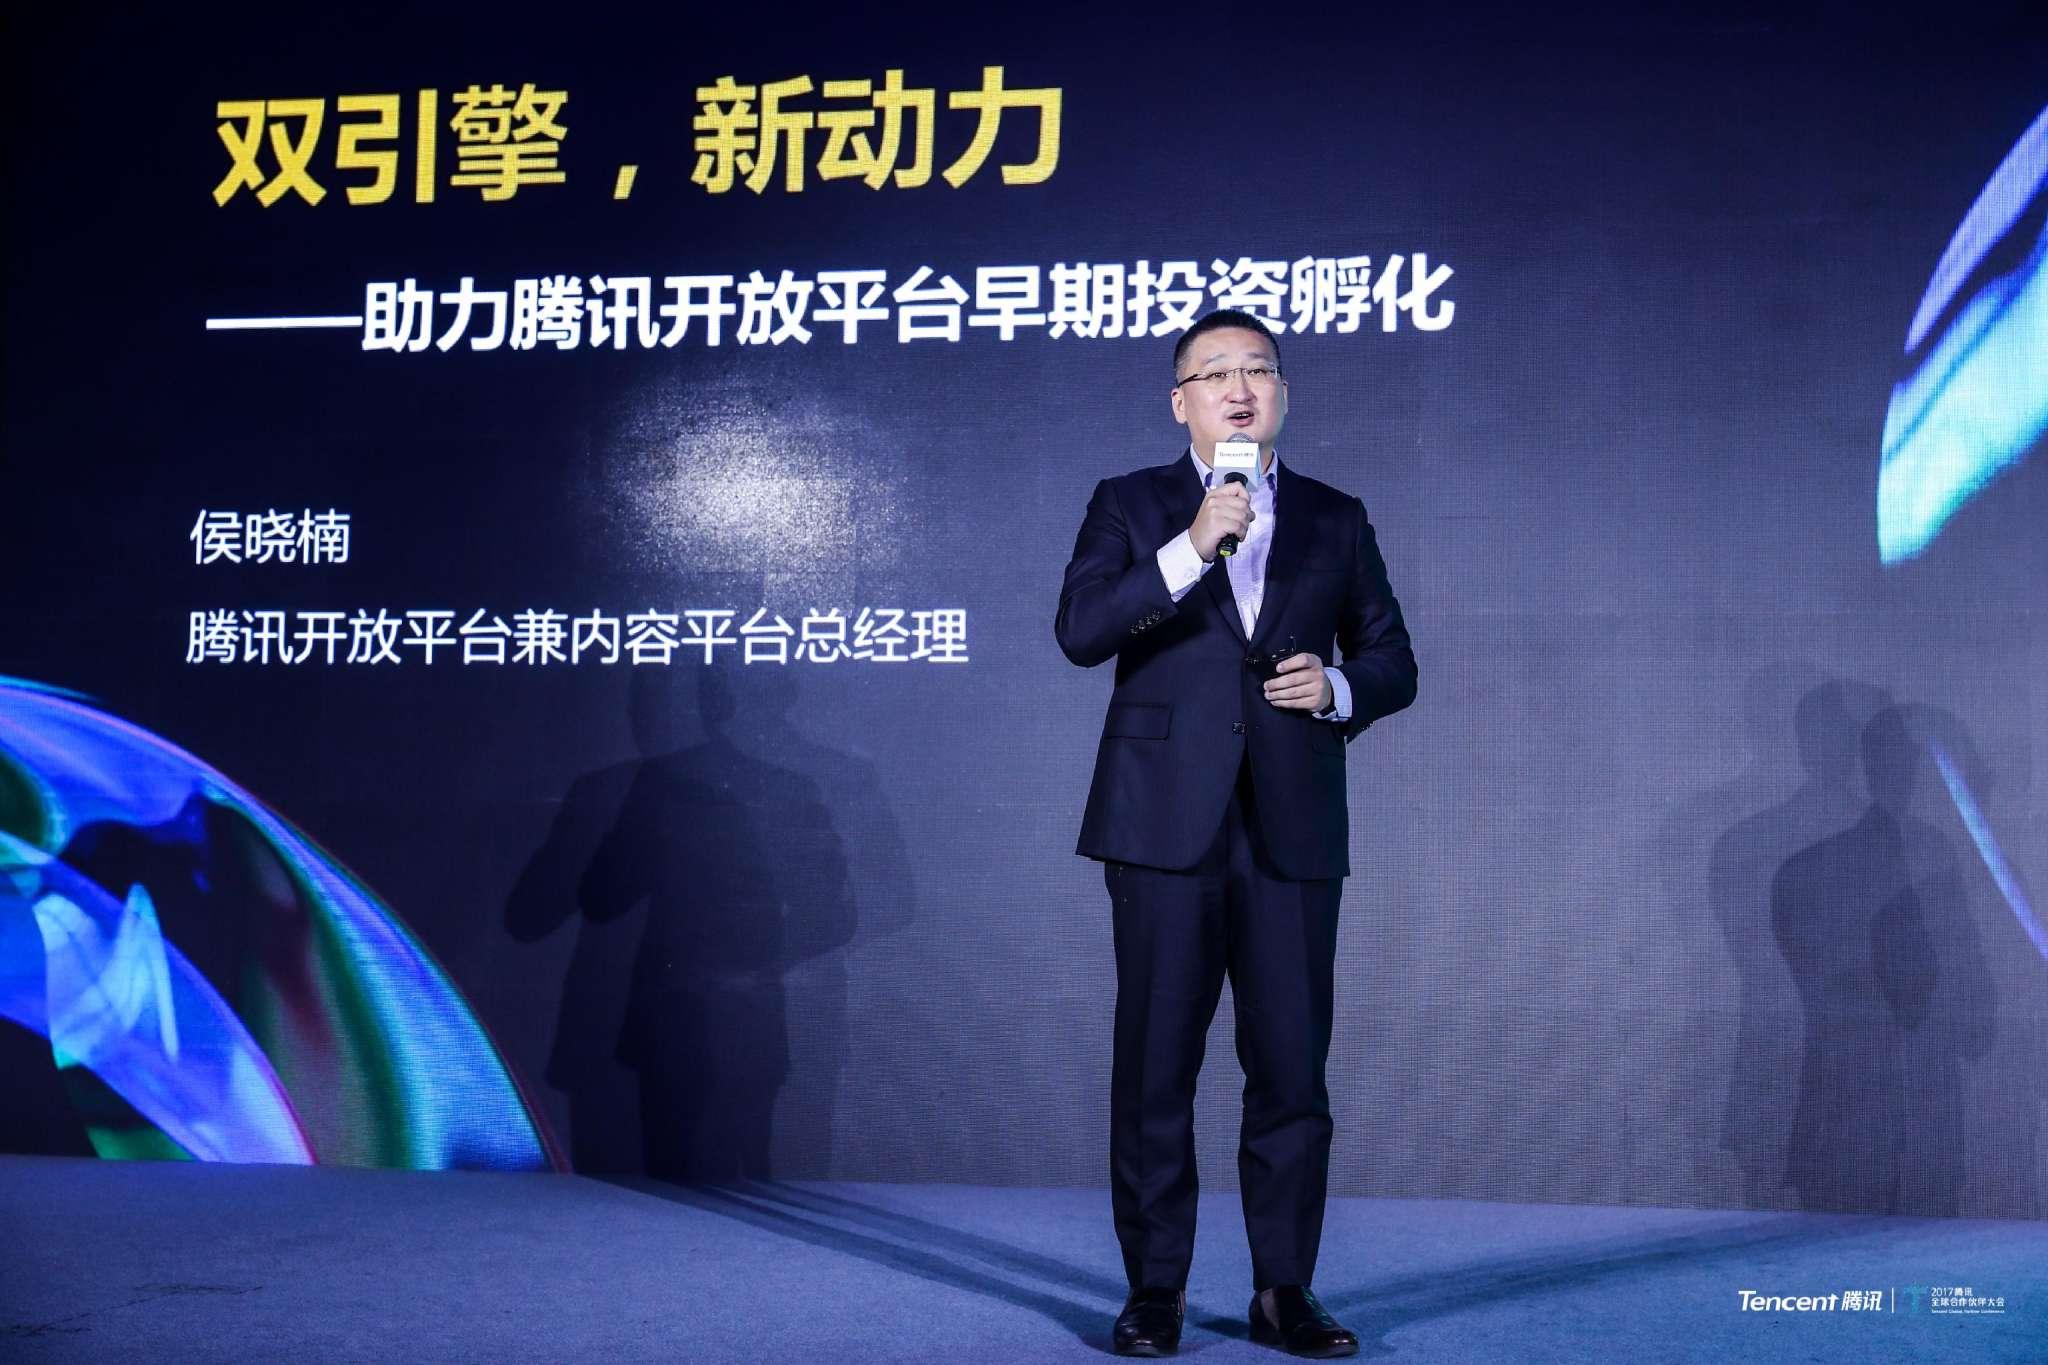 腾讯发布兴趣内容基金 2年内扶持百家内容创业企业